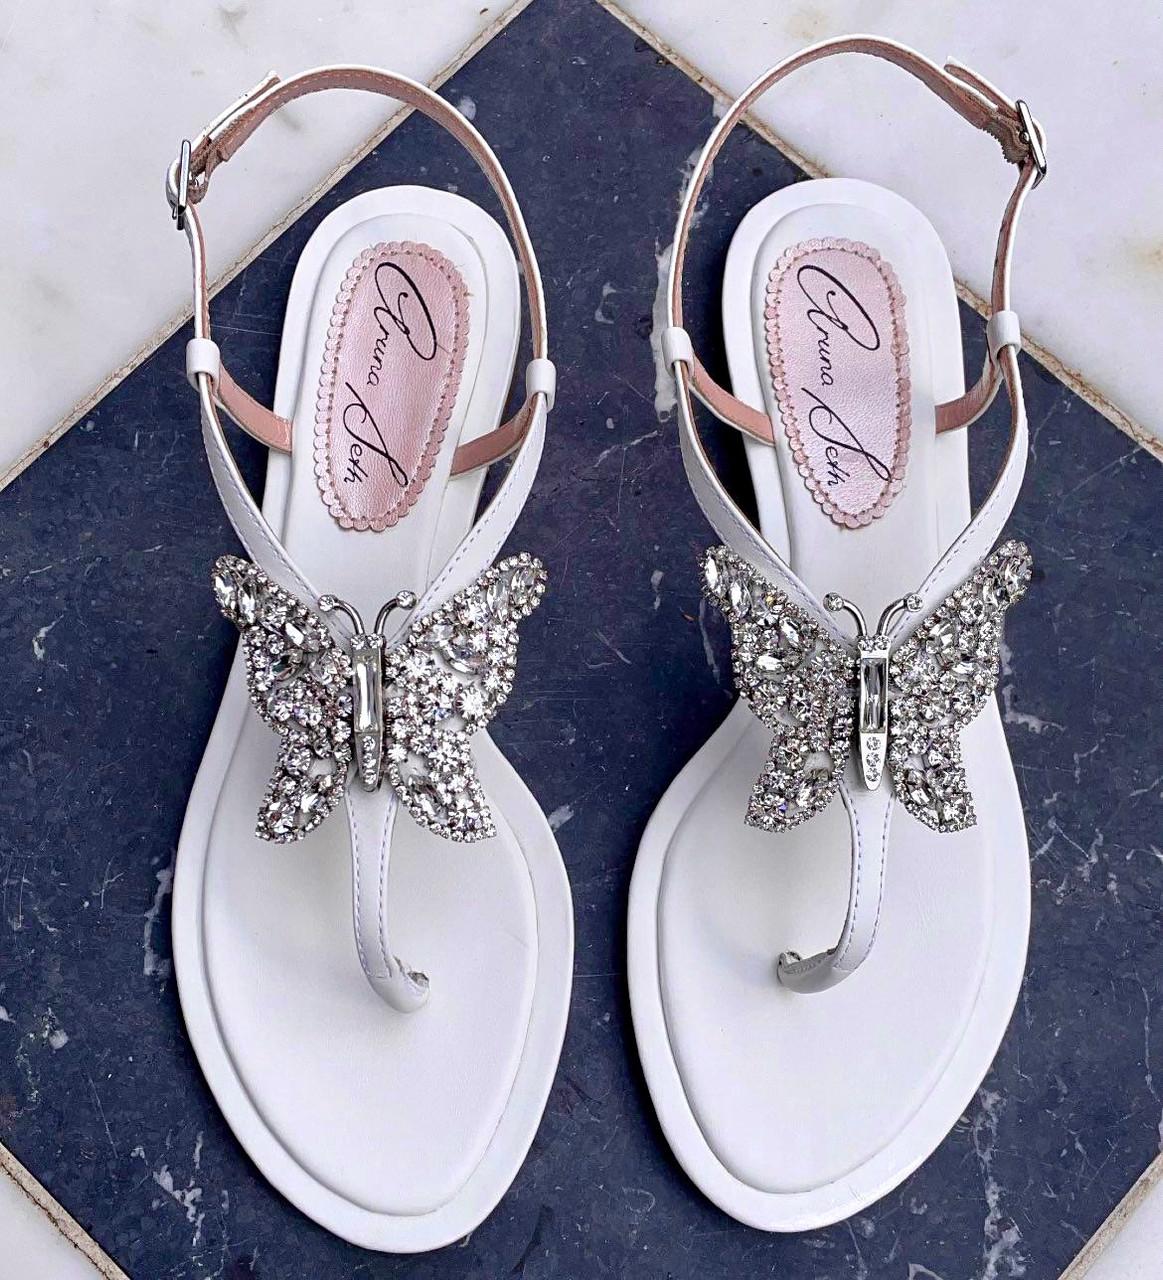 Capri Farfalla White Leather Sandals